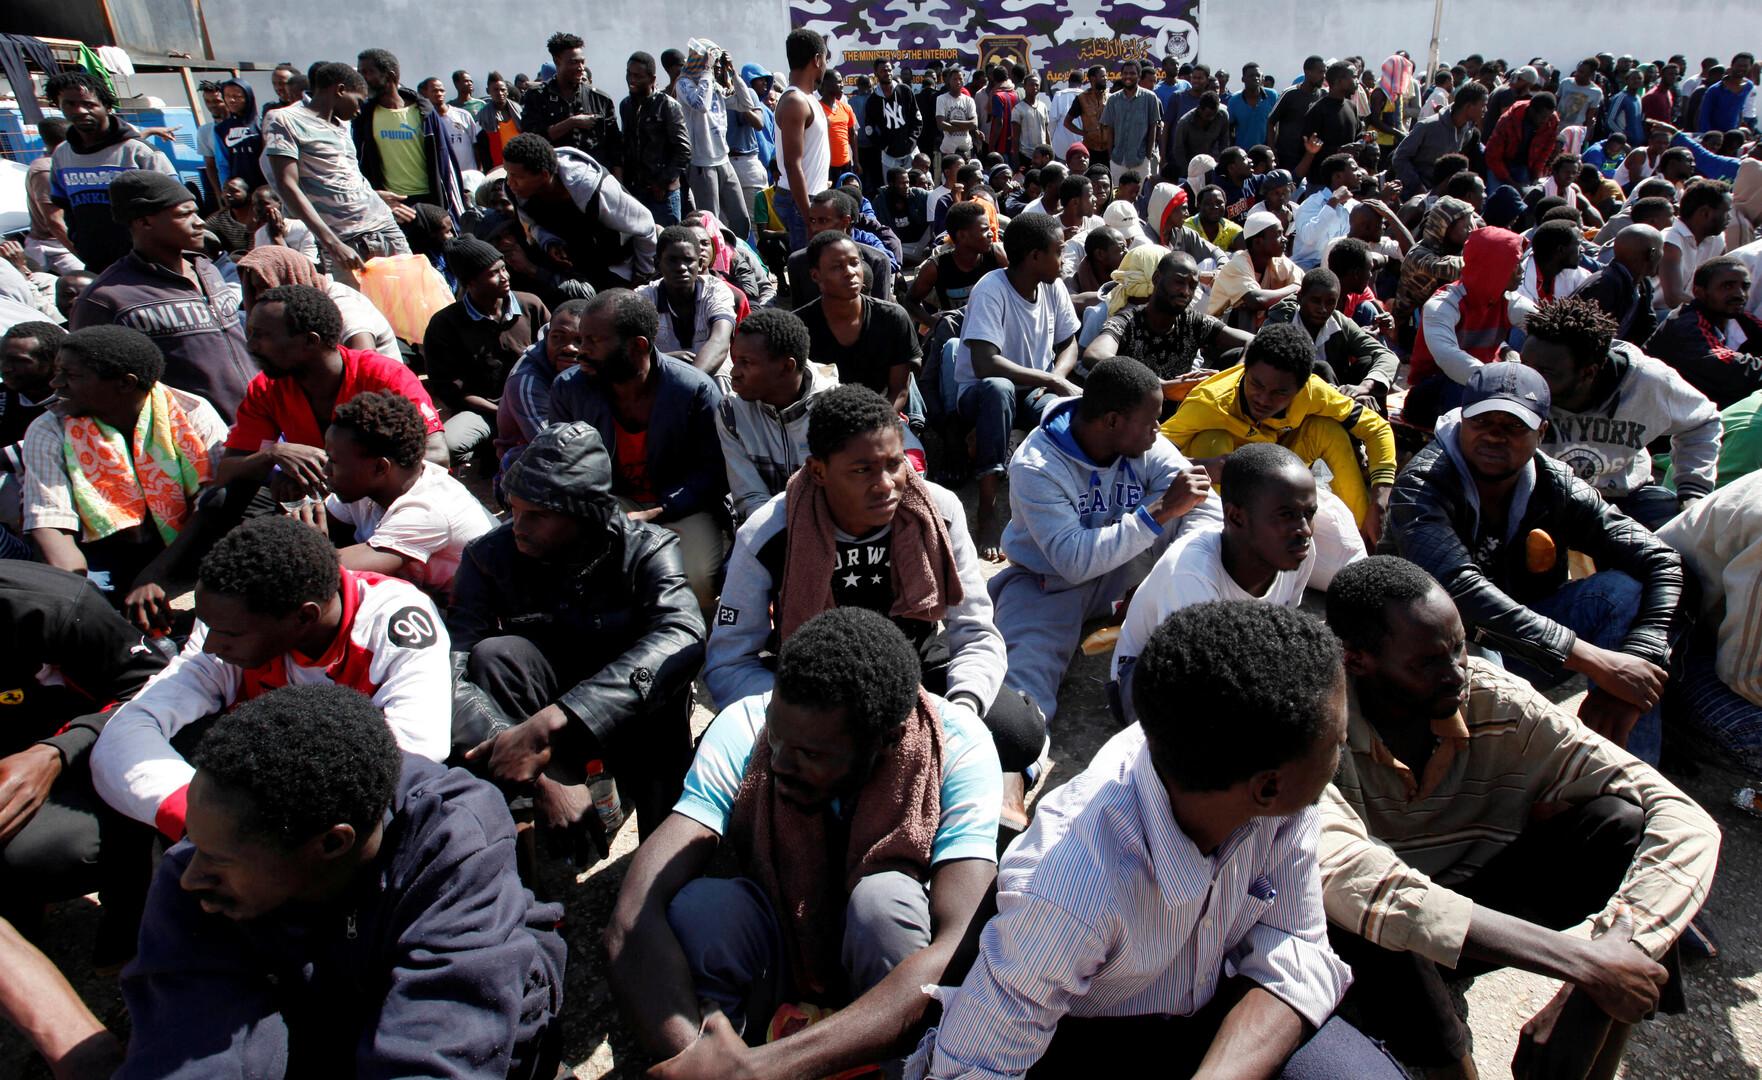 اغتصبوا النساء والصغيرات أمام أعيننا.. الهروب من إفريقيا لسراديب باريس!